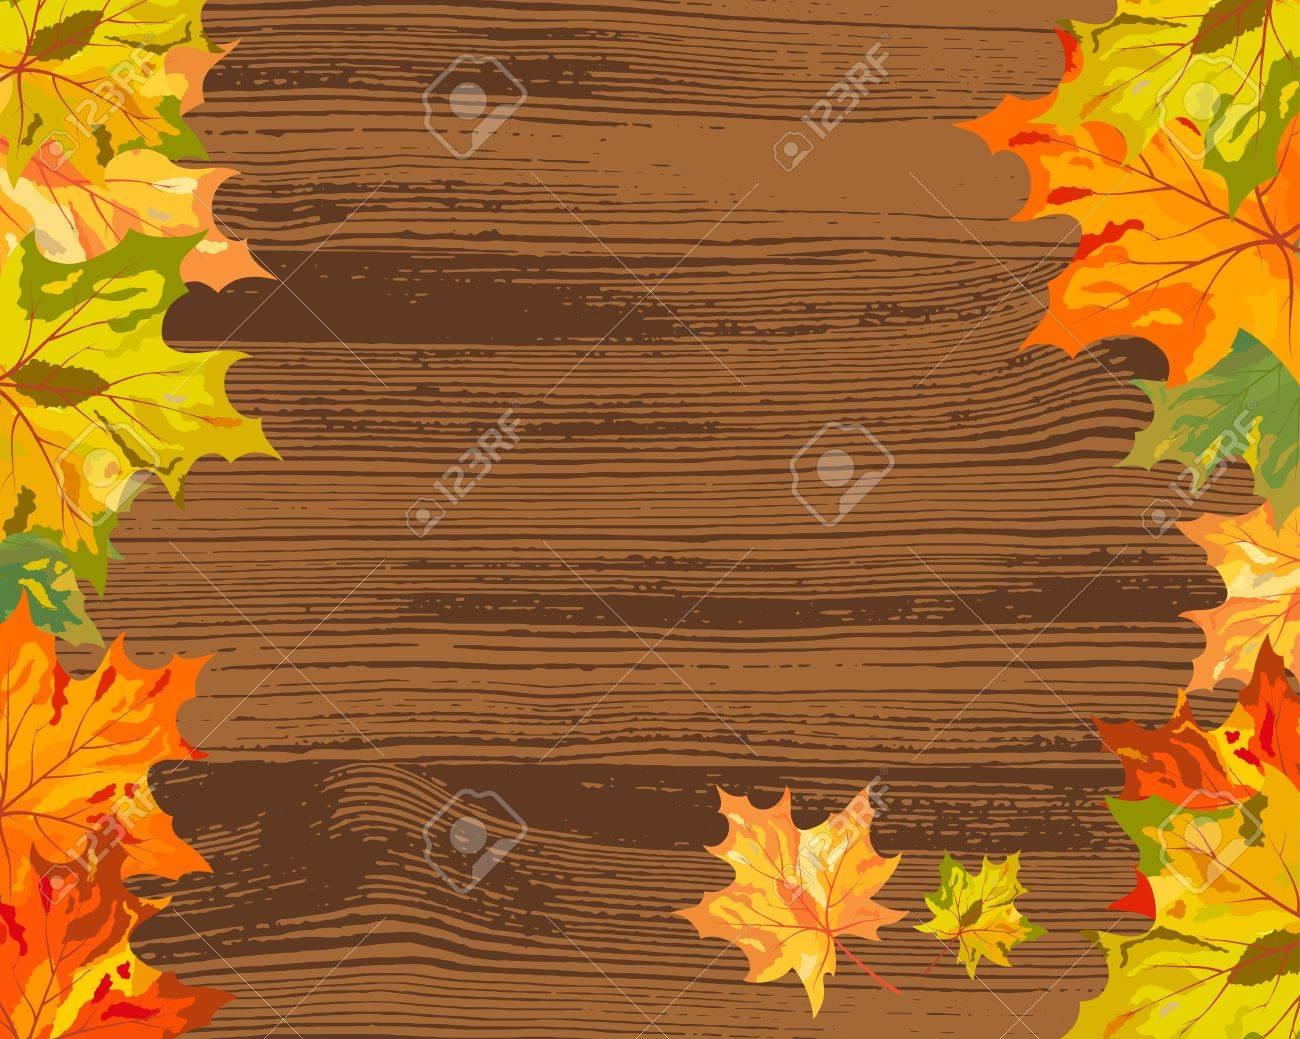 Autumn maple tree leaves on  wooden plank. illustration. Stock Vector - 15031242